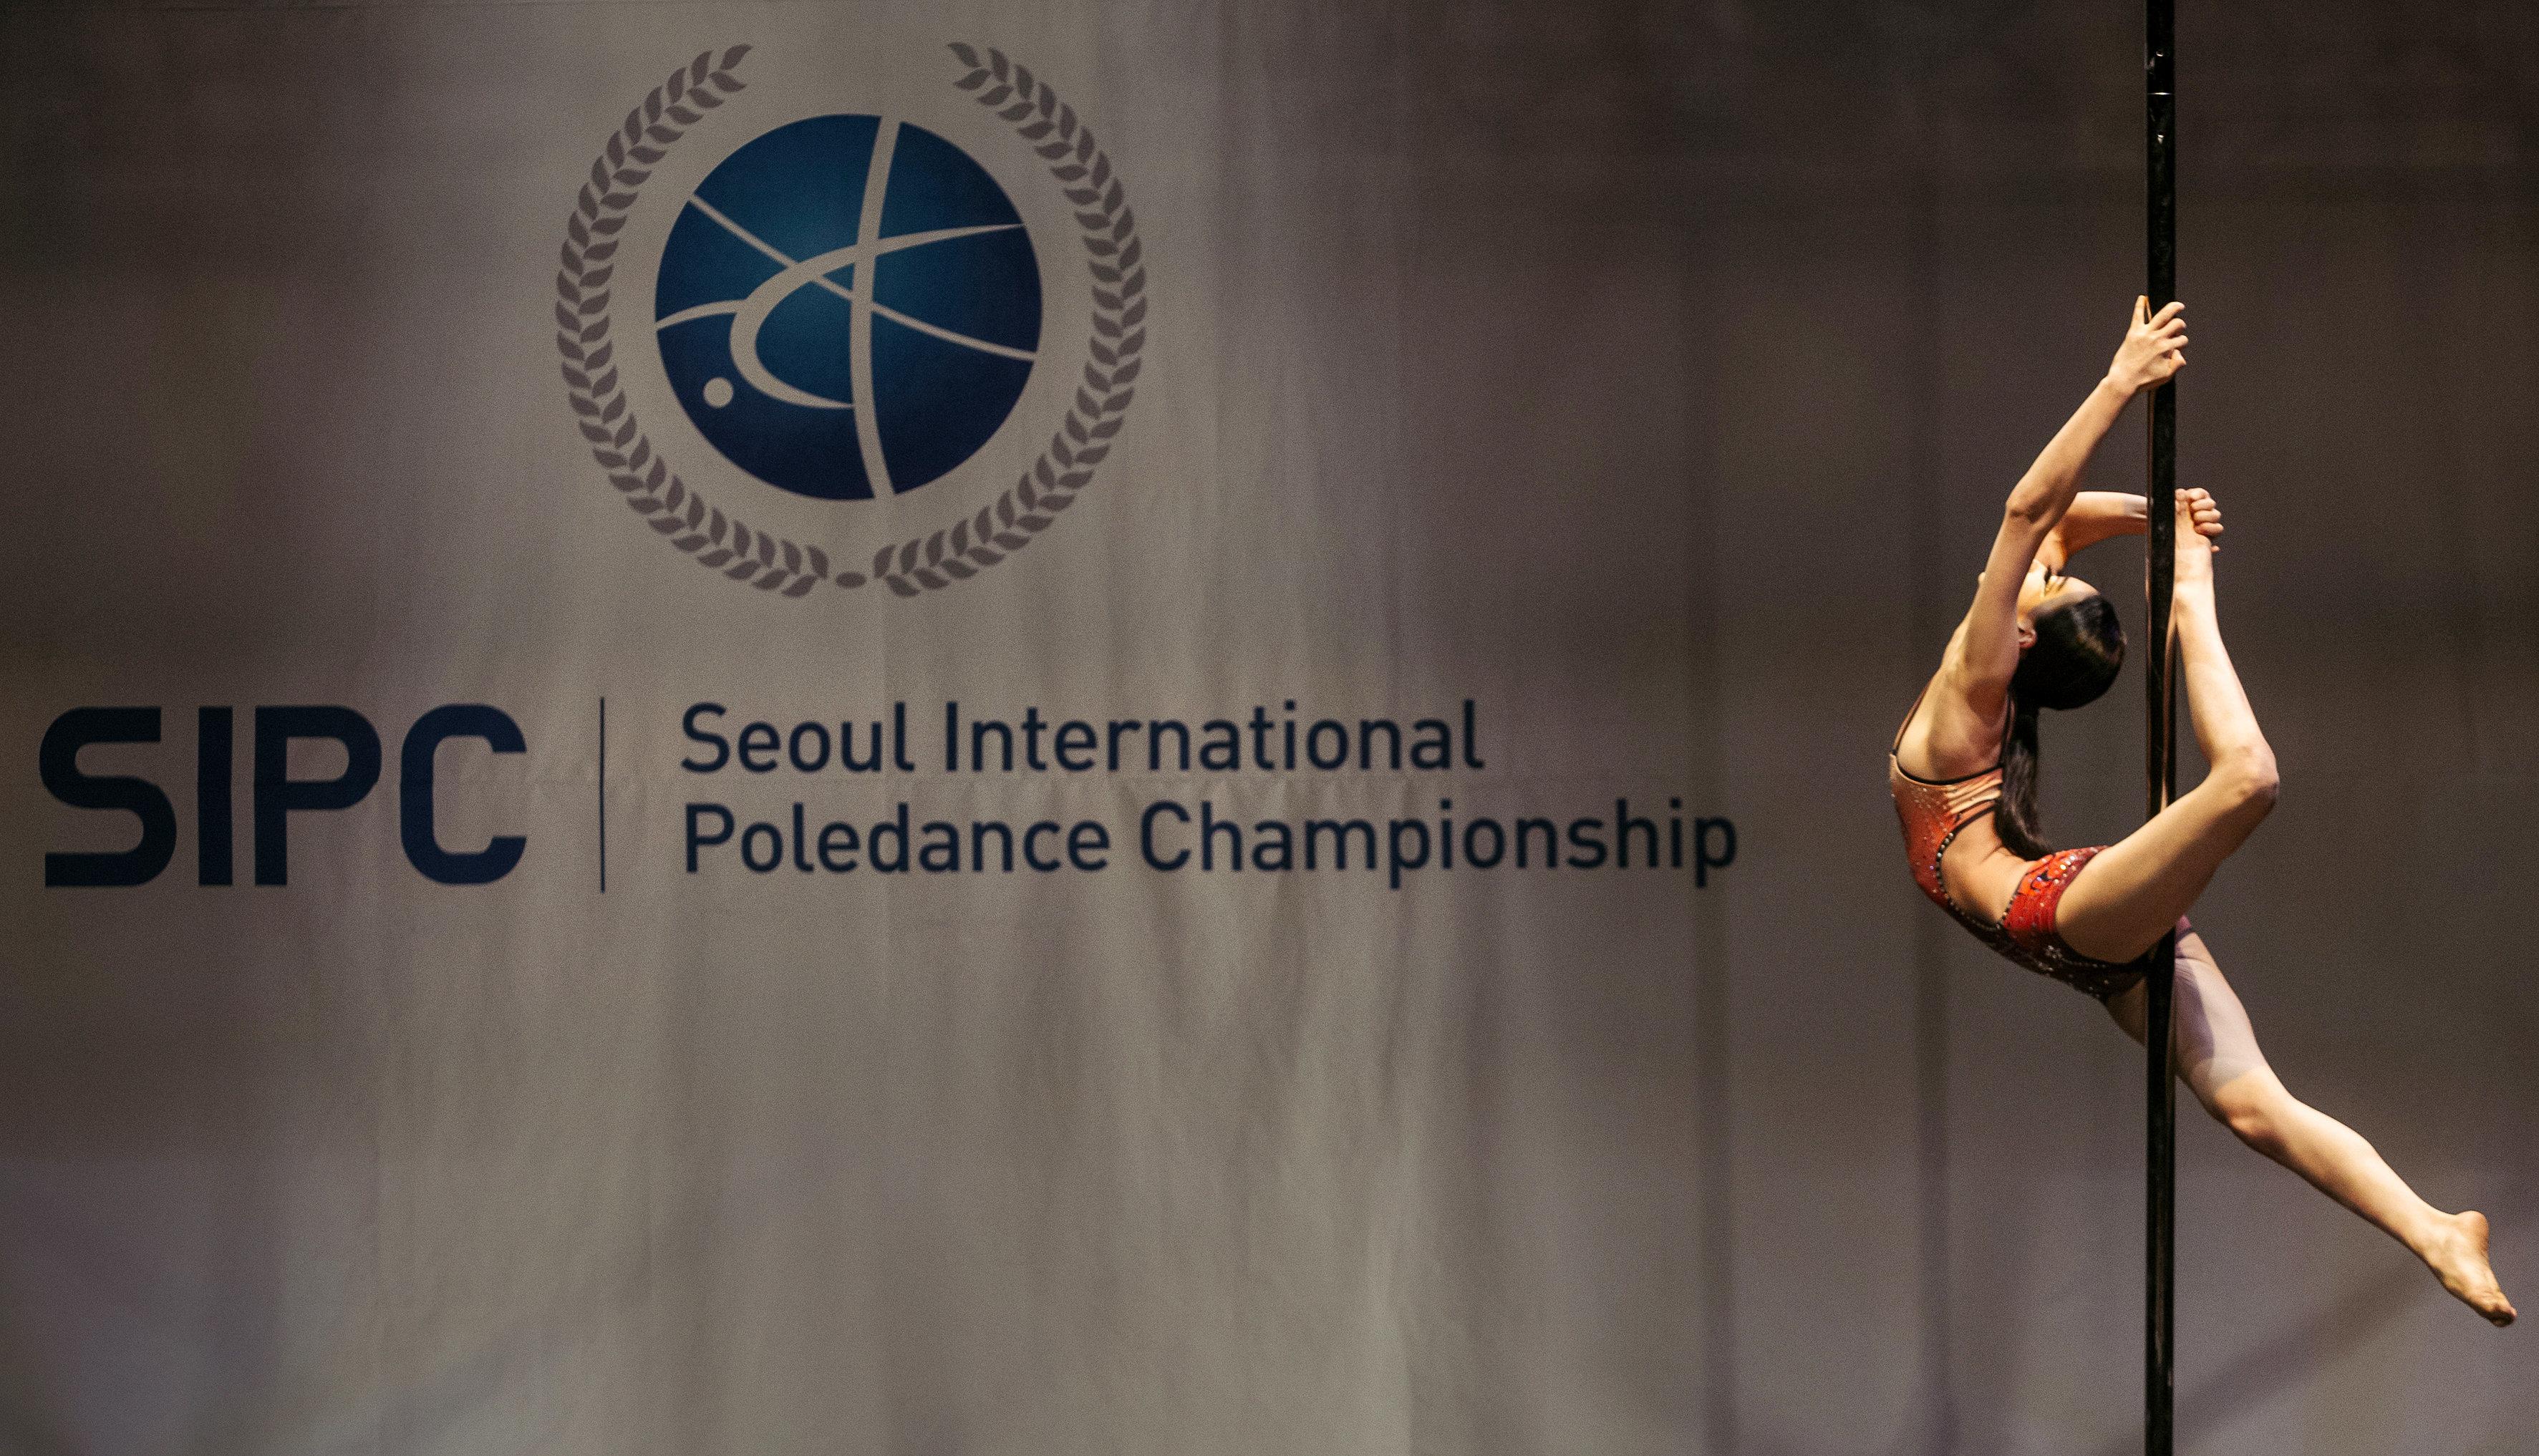 서울에서 폴댄스 대회가